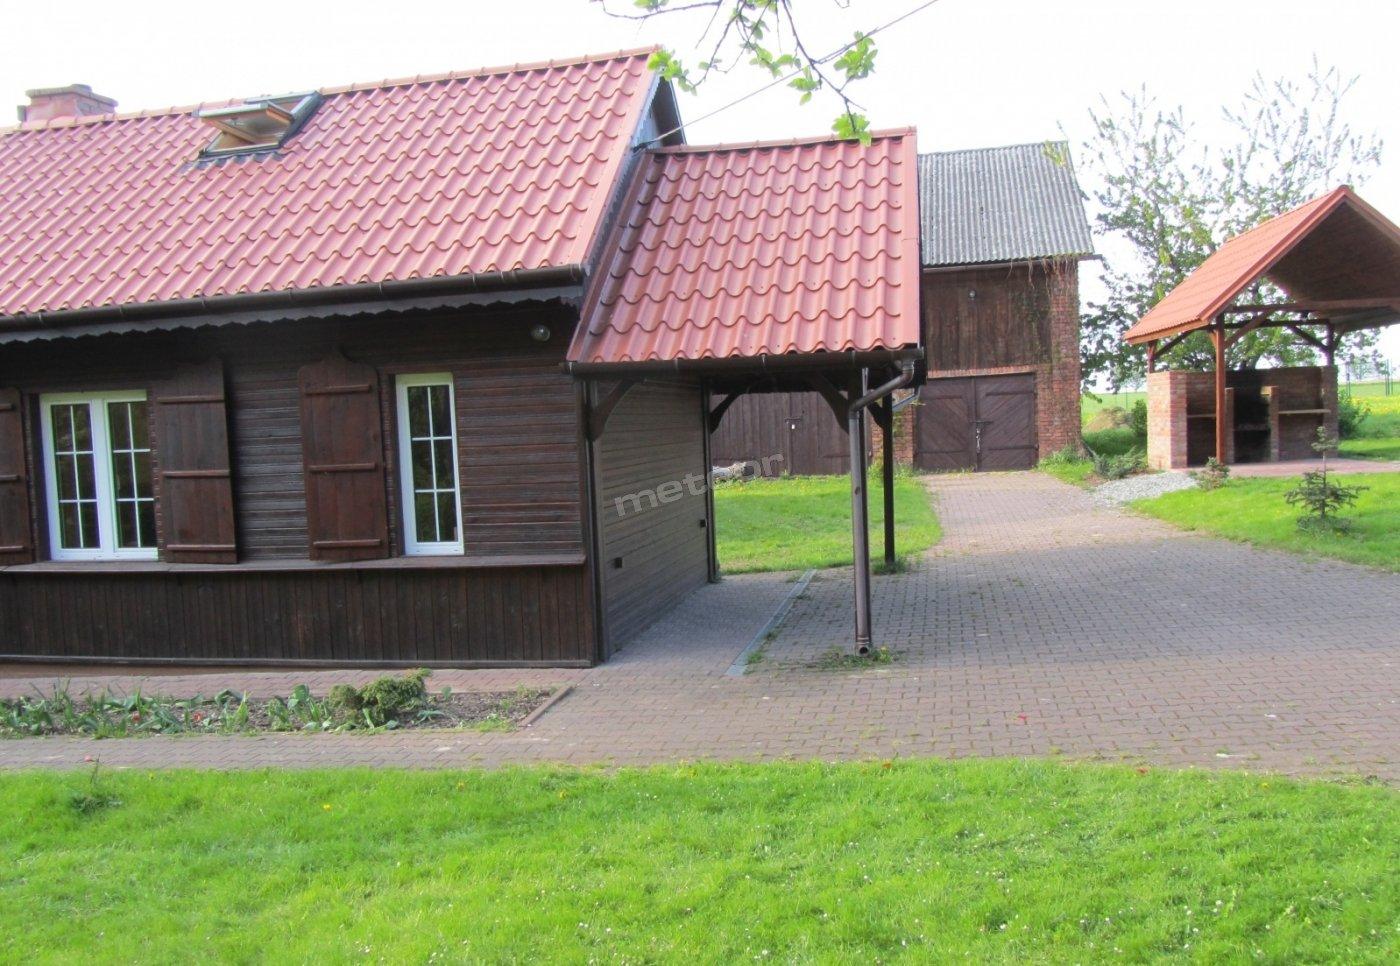 Domek w Pieskowej Skale